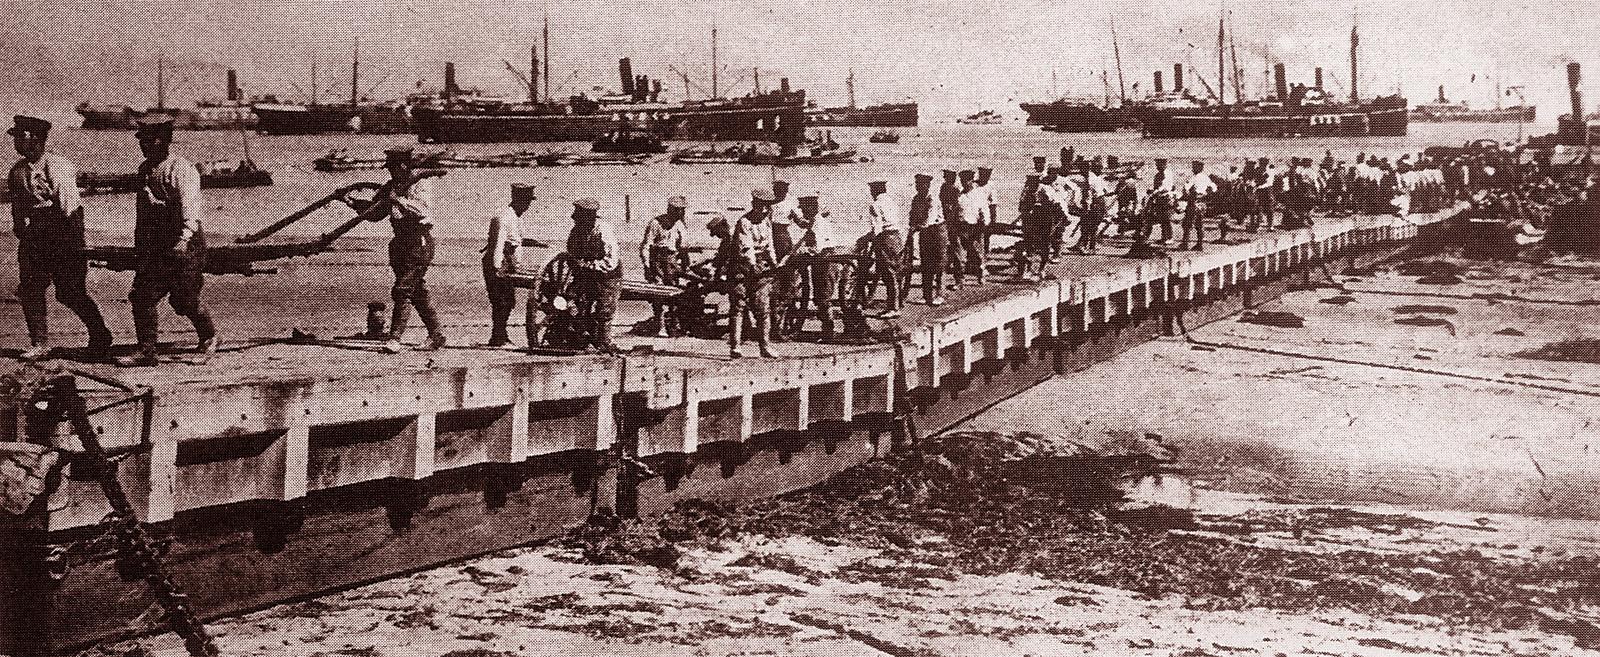 【第一次世界大戦】大日本帝国軍の奮闘!アメリカ …